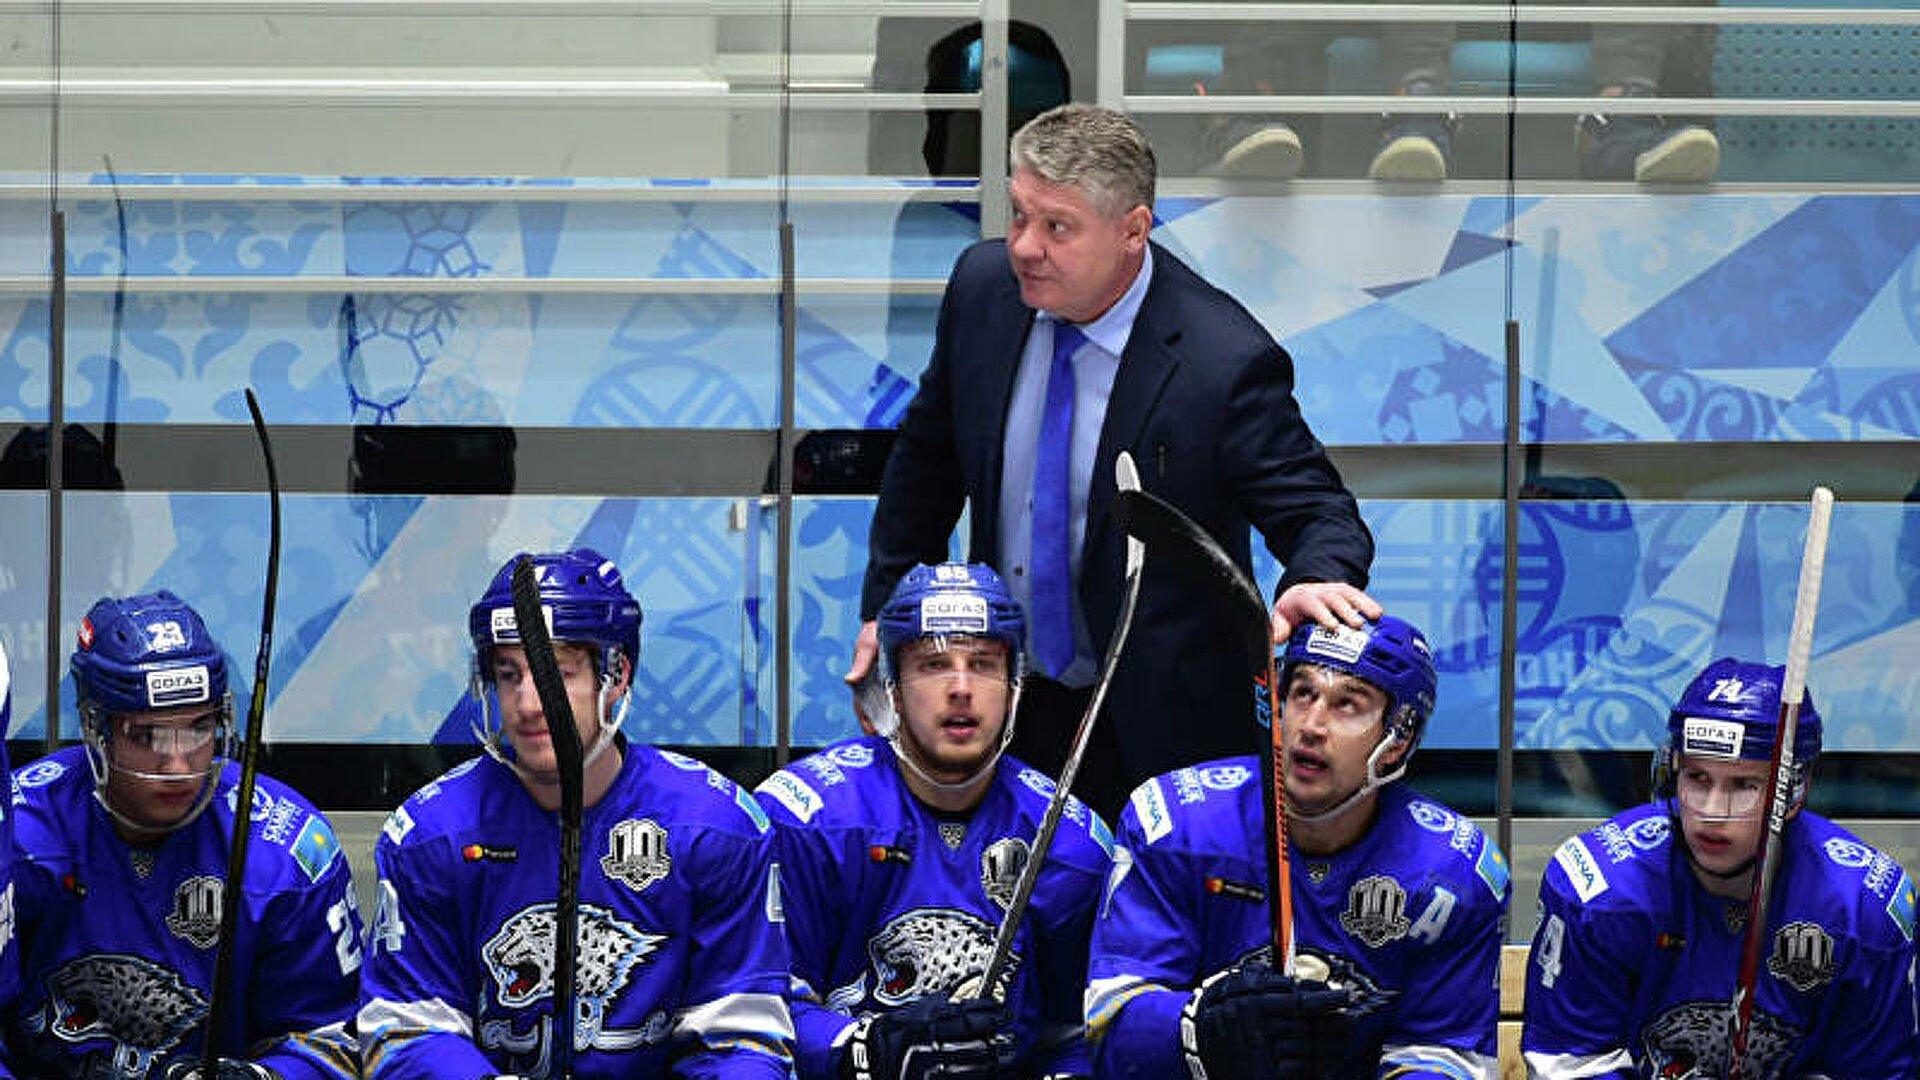 Тренер «Барыса» Михайлис будет работать со сборной Казахстана на чемпионате мира